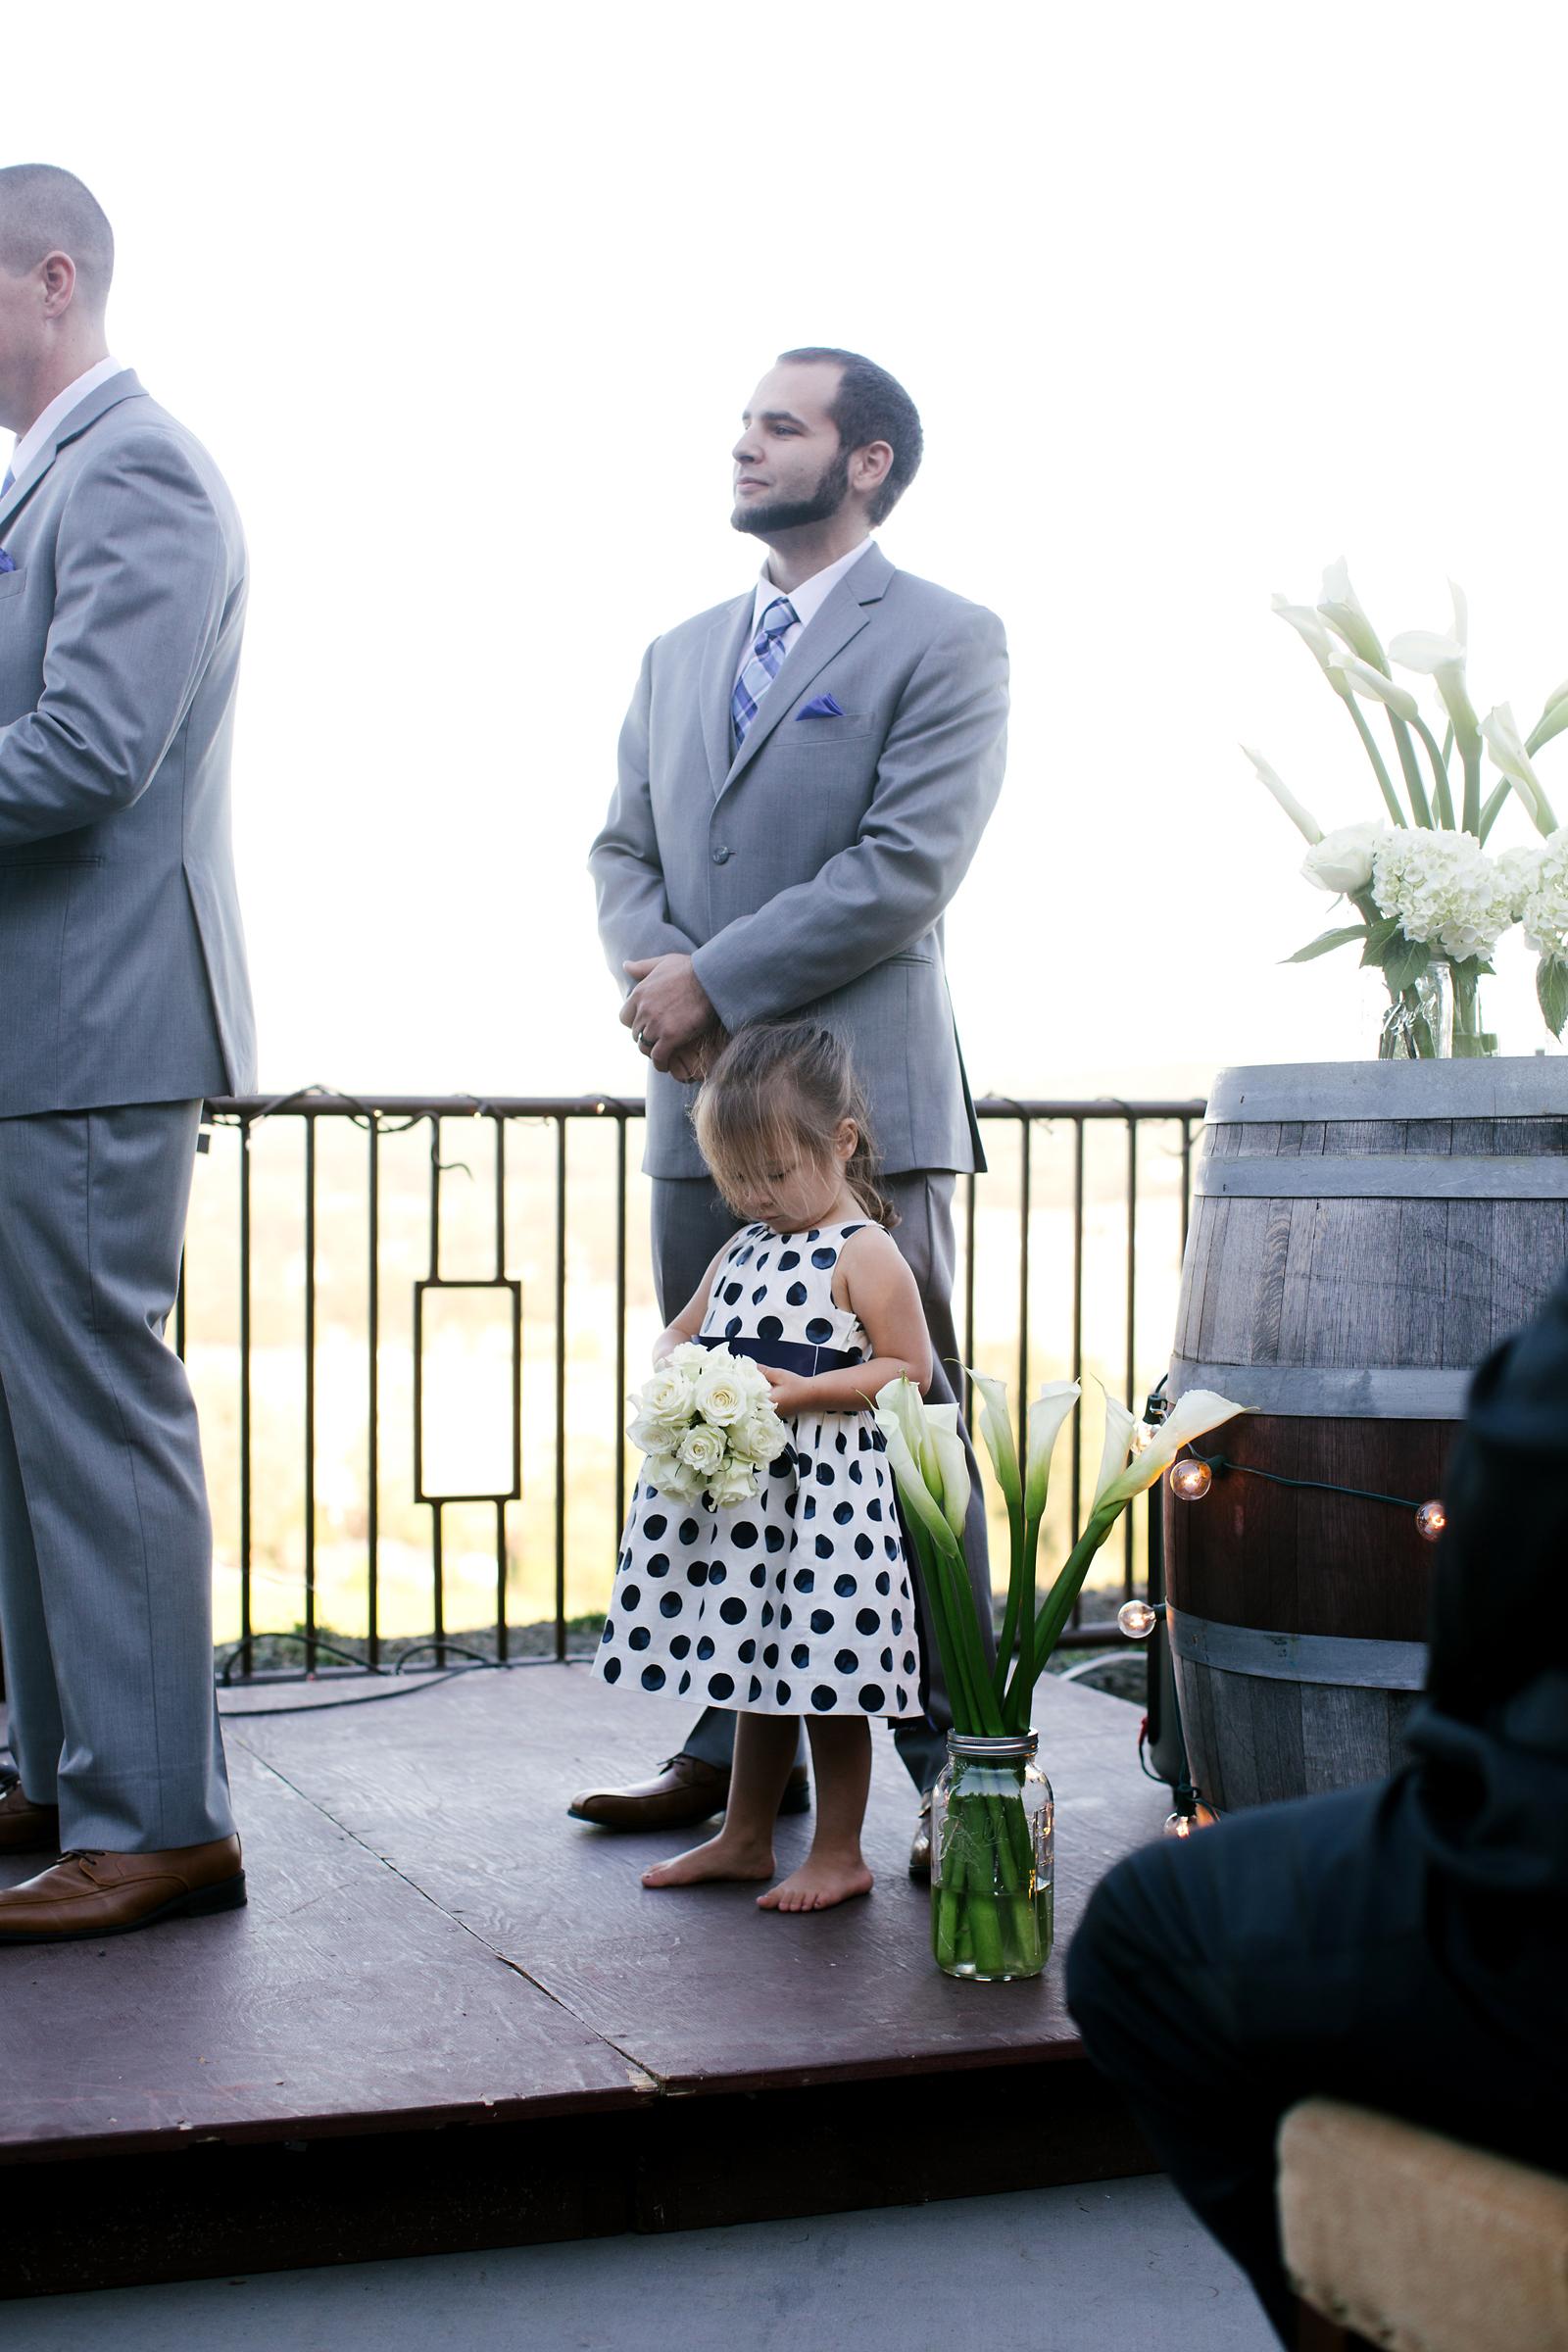 033-daronjackson-rich-wedding.jpg